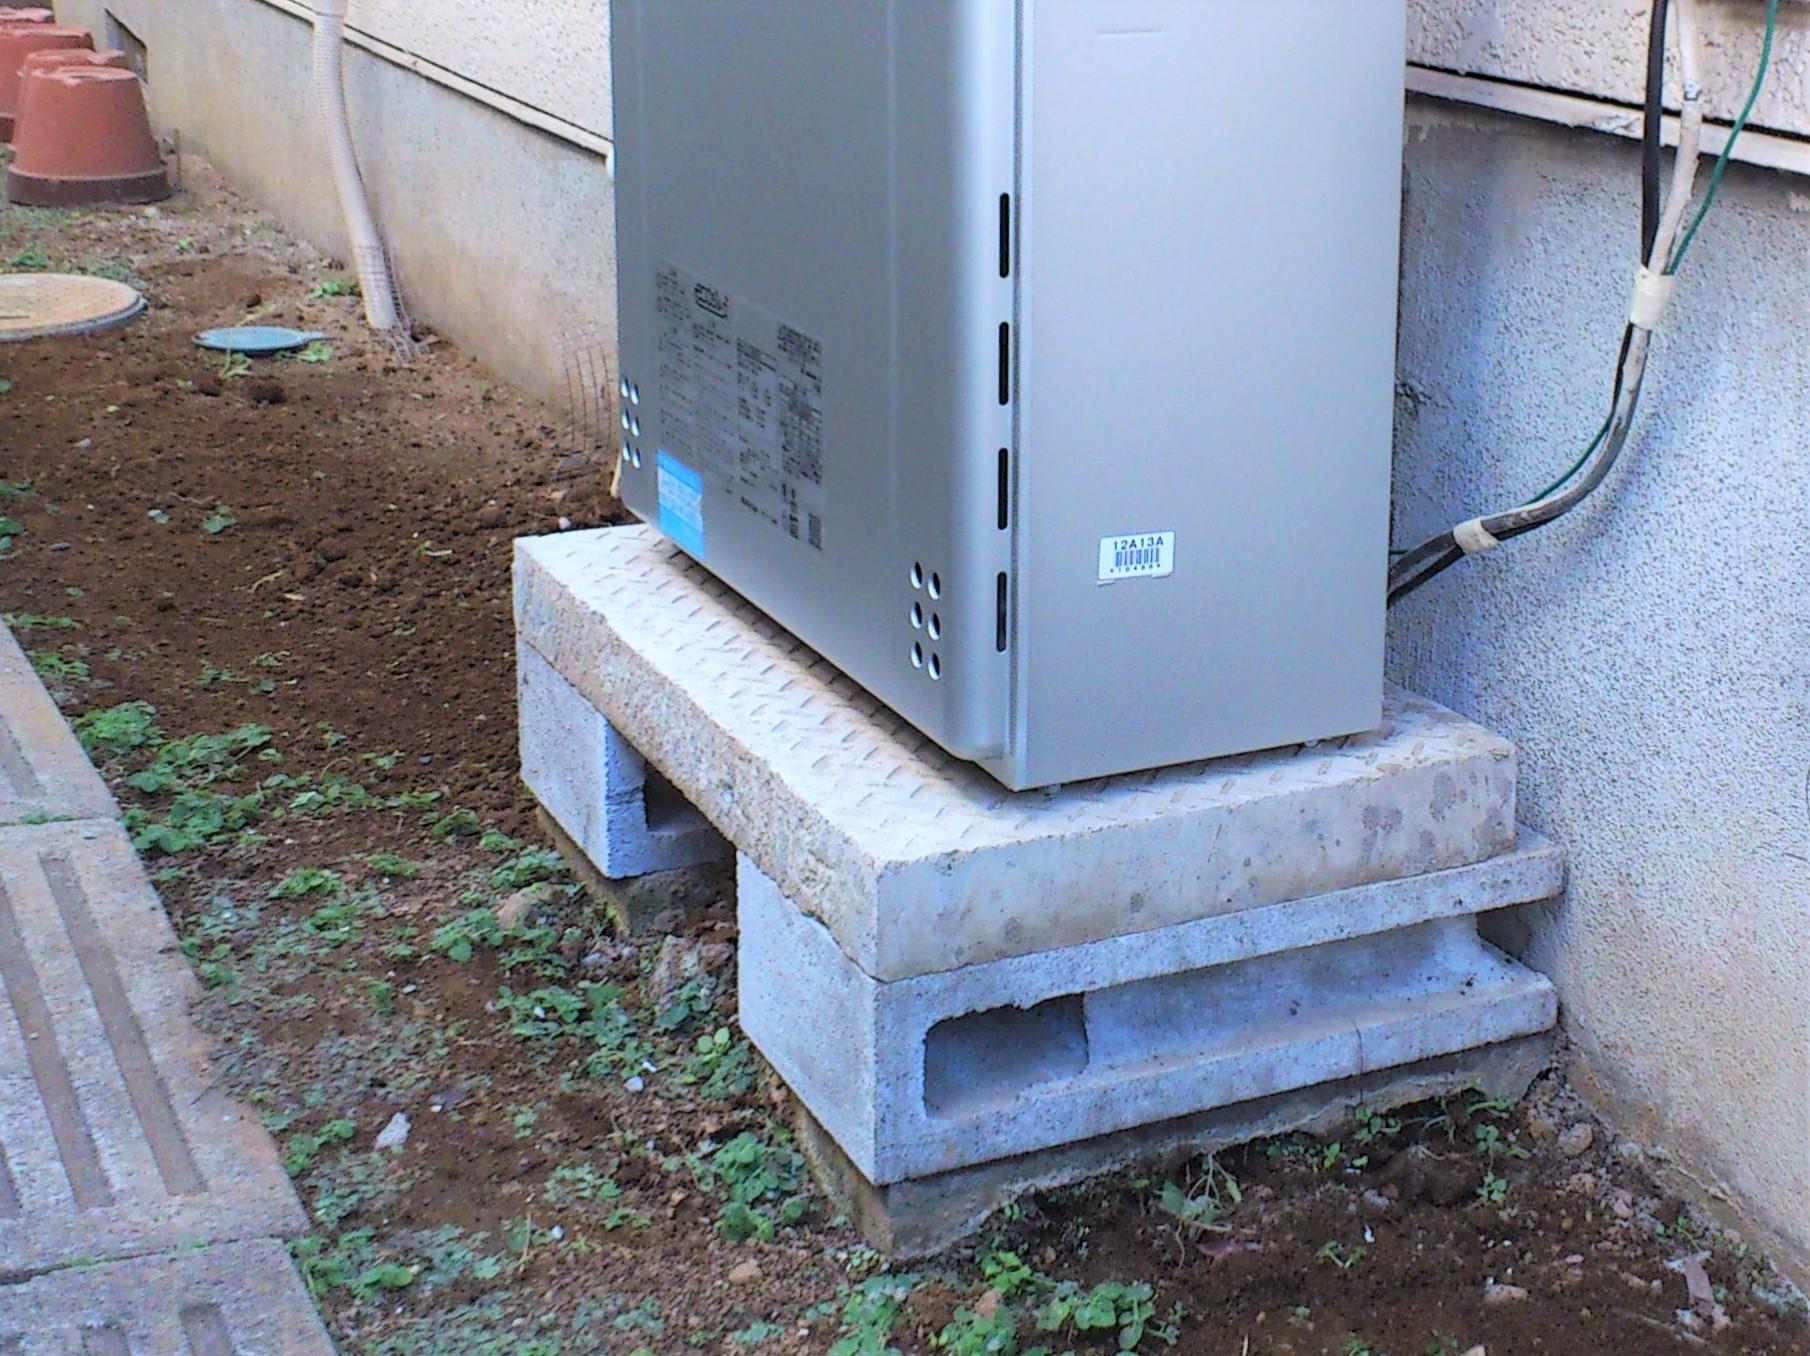 【基礎工事】雨の跳ね返りを防ぐため地盤から30㎜以上離し、給湯器が水平に設置できるようベースを施工します。